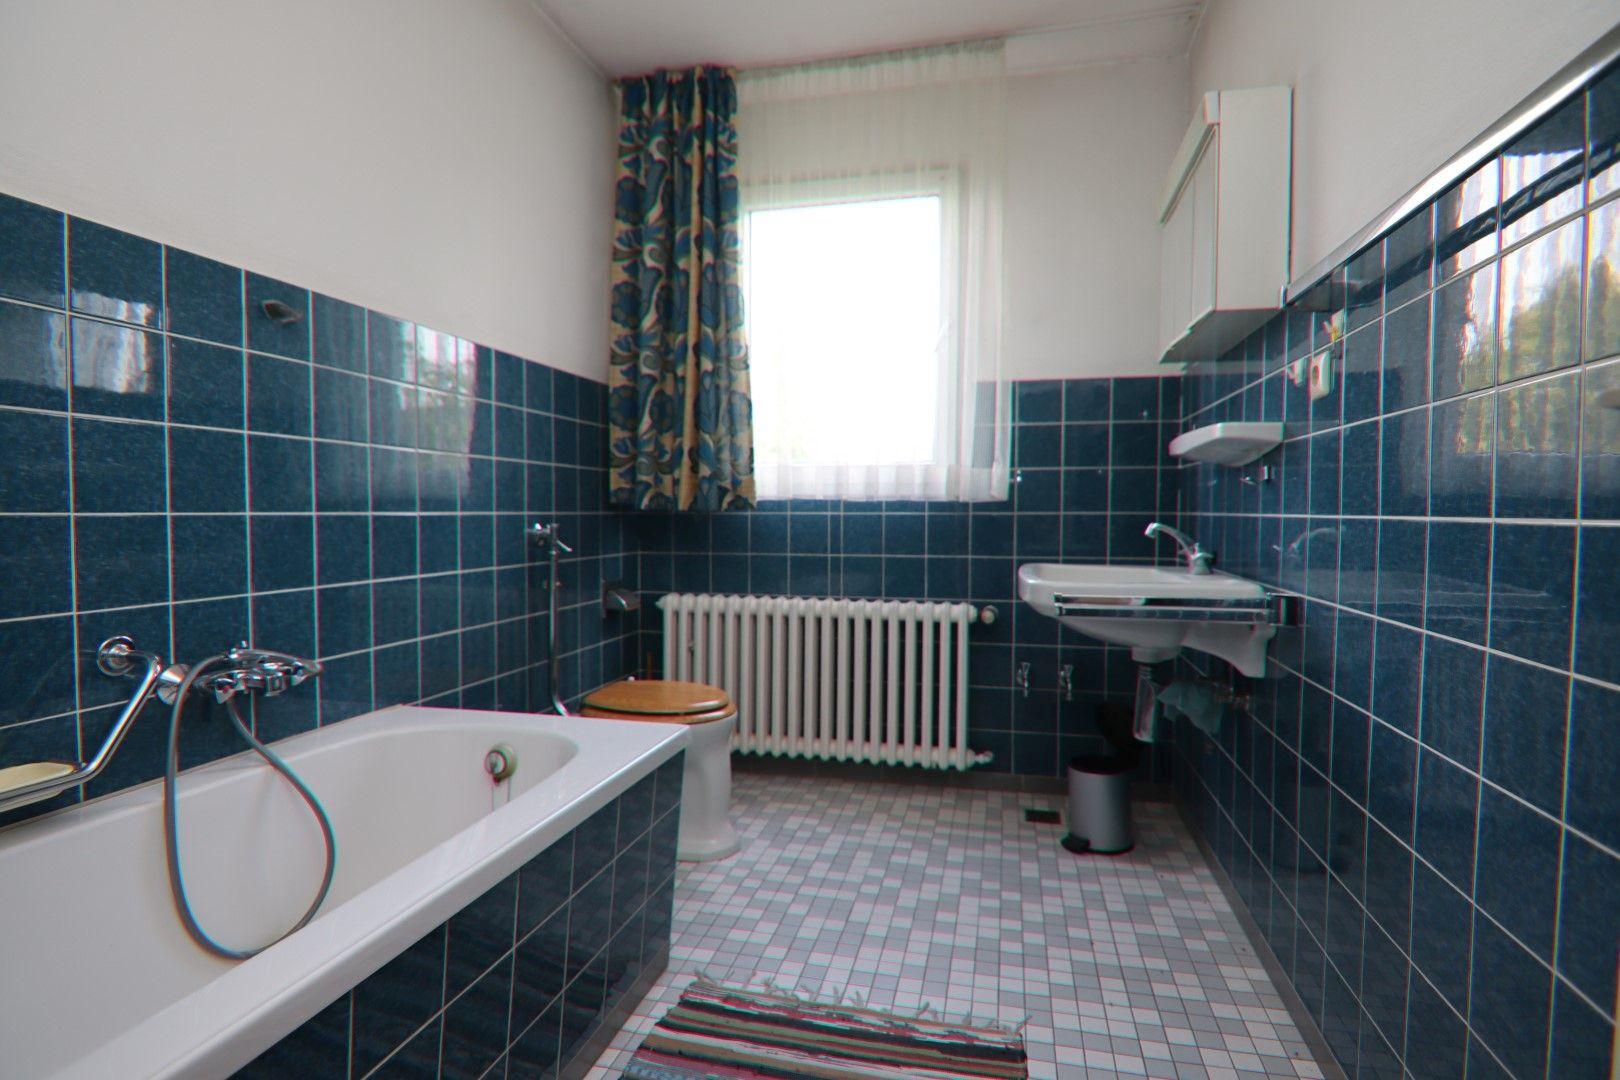 Immobilie Nr.0273 - Doppelhaushälfte in WEG mit Garten & Terrasse - Bild 15.jpg